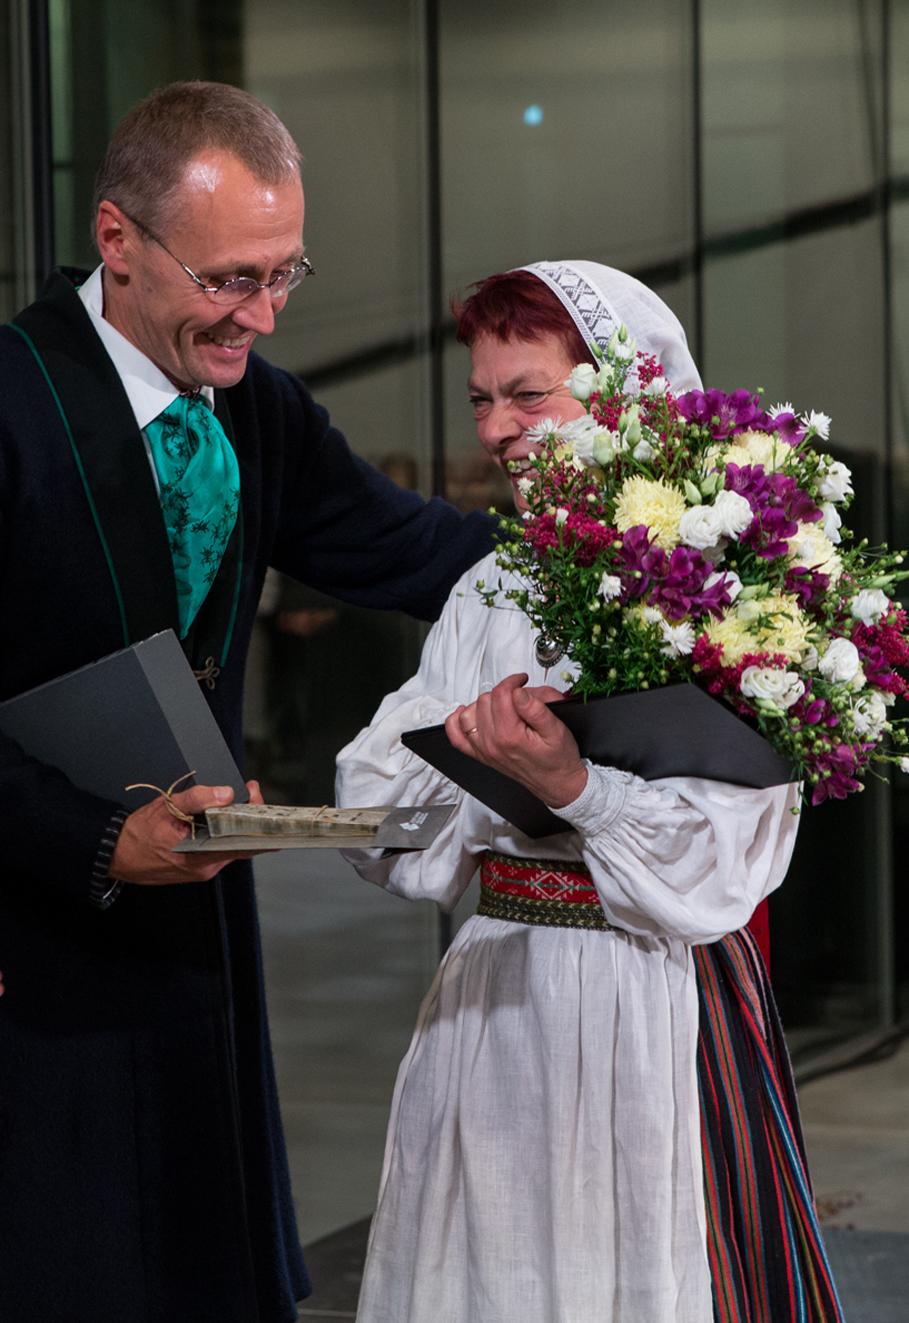 Direktor Tõnis Lukas tänab ERMi uue hoone avamisel ehituse käivitanud direktorit Krista Aru. Foto: Ove Maidla